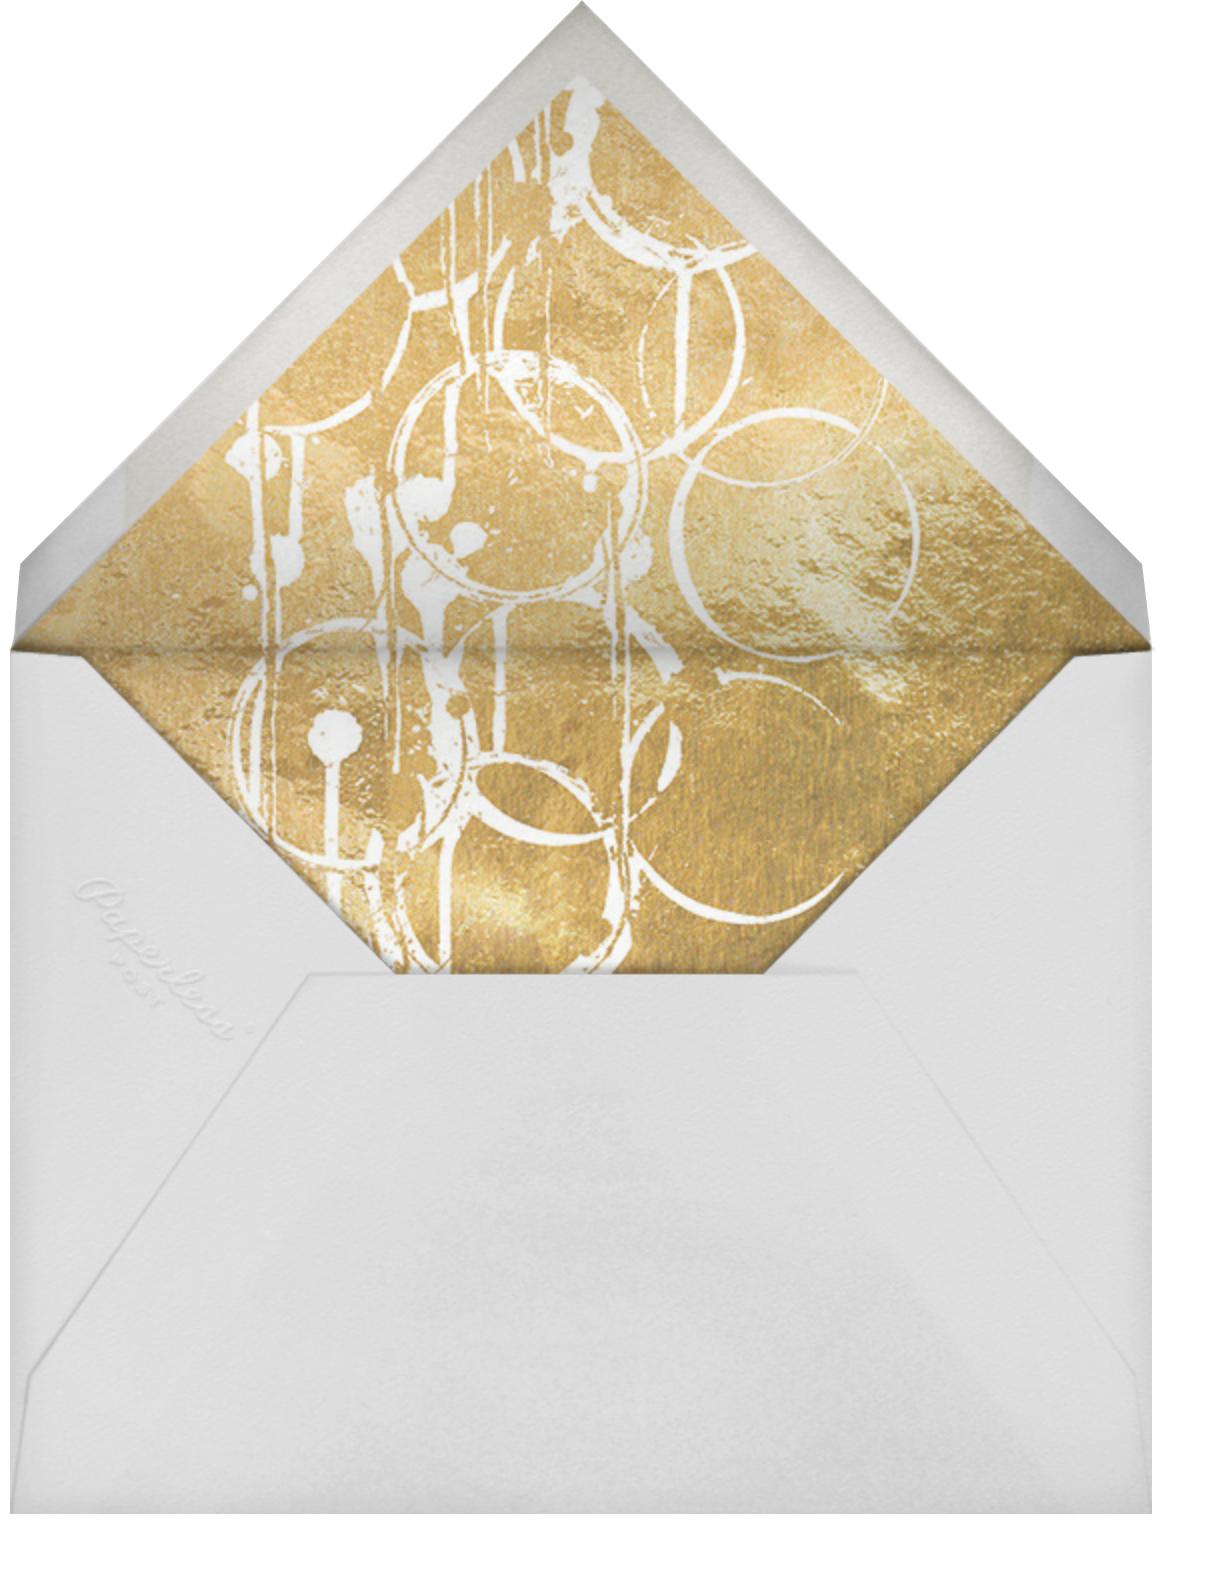 Bottle Shock - Gold - Kelly Wearstler - Winter entertaining - envelope back